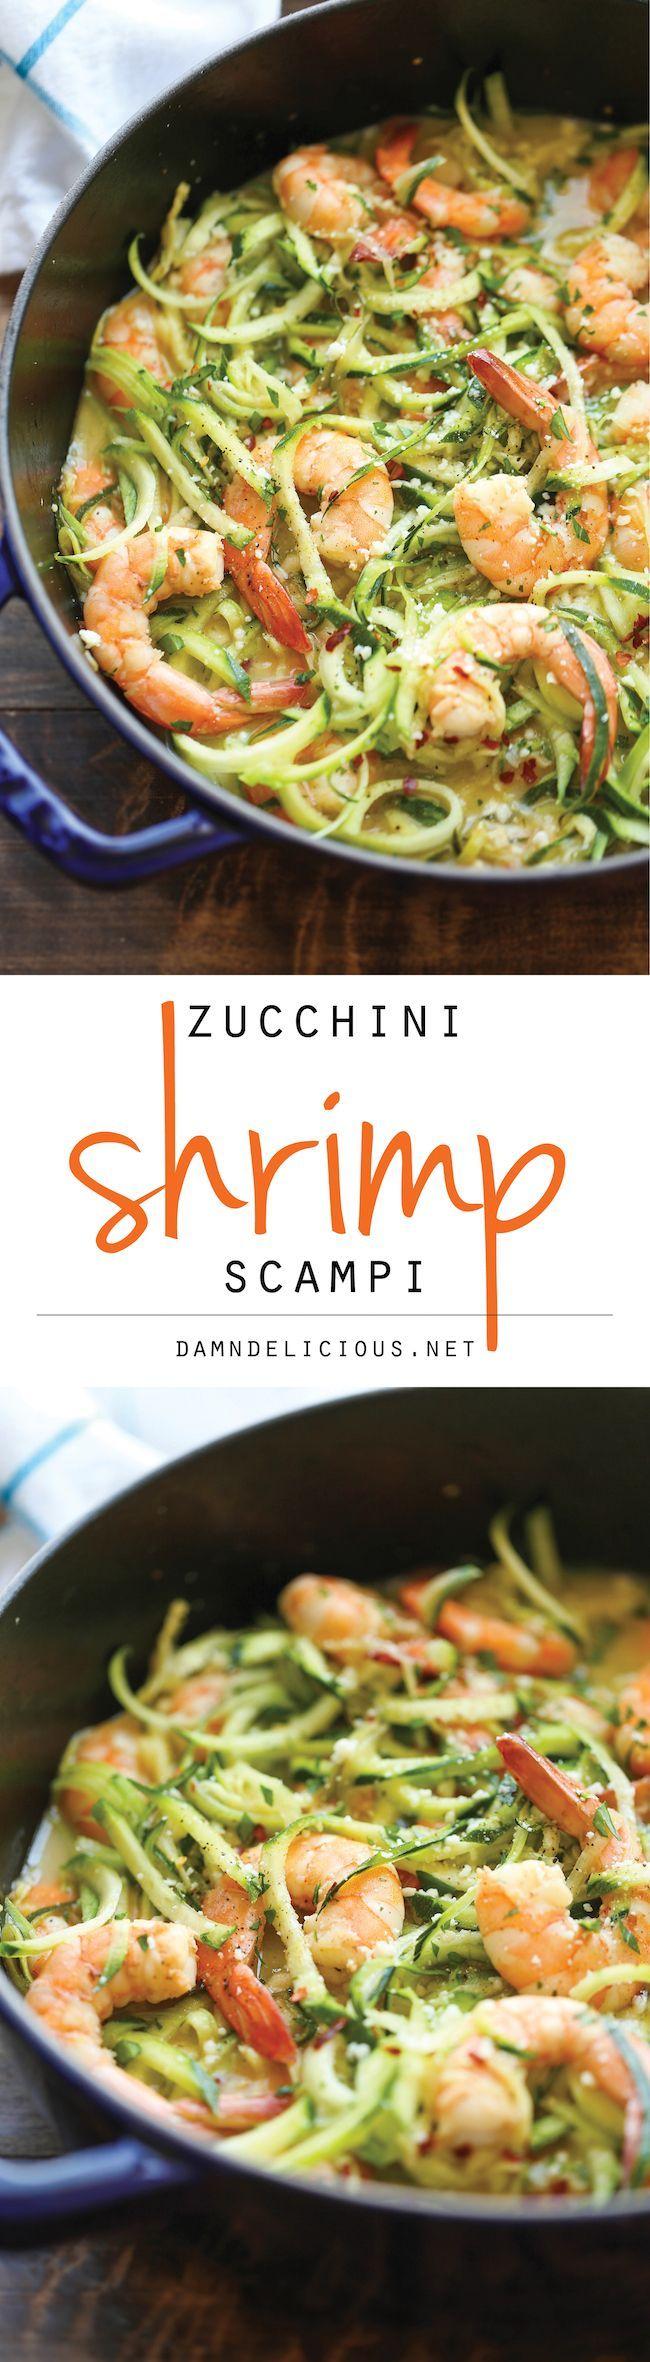 Zucchini Shrimp Scampi – Traditiona